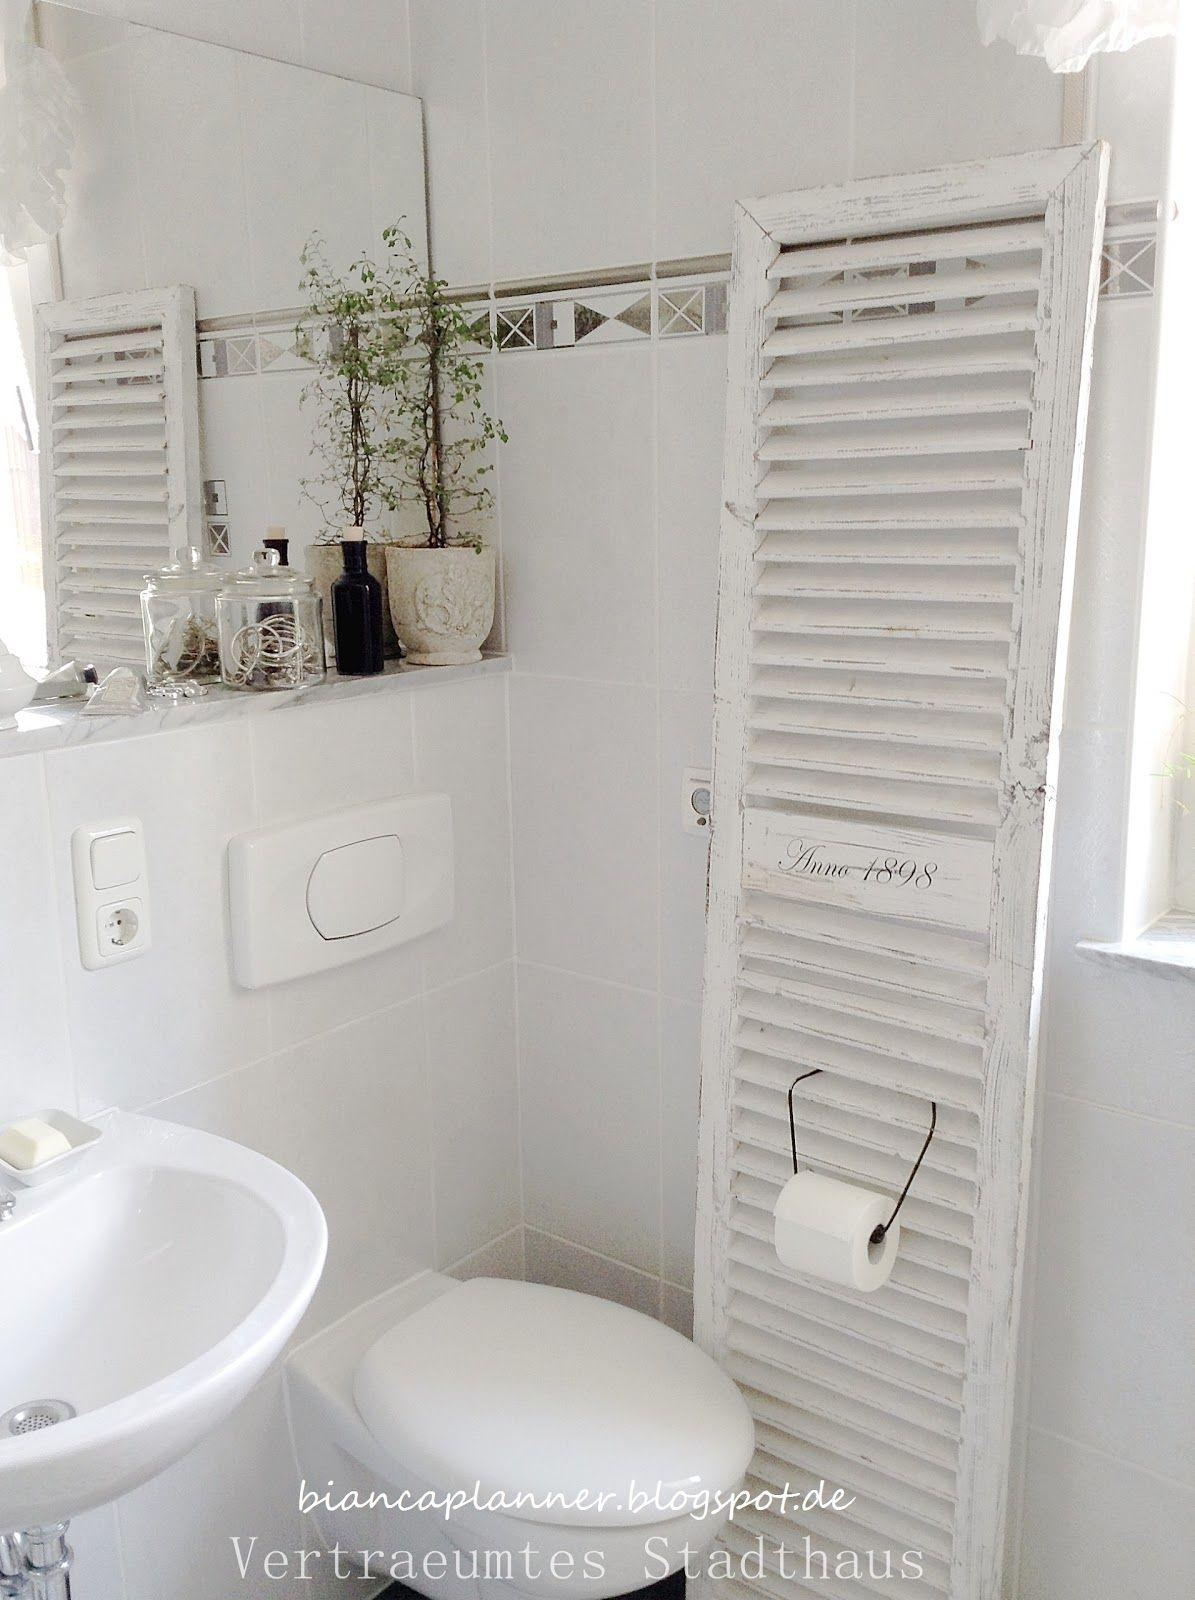 shutter fensterladen bad shabby chic wc wanne waschbecken dusche vintage antik brocante. Black Bedroom Furniture Sets. Home Design Ideas